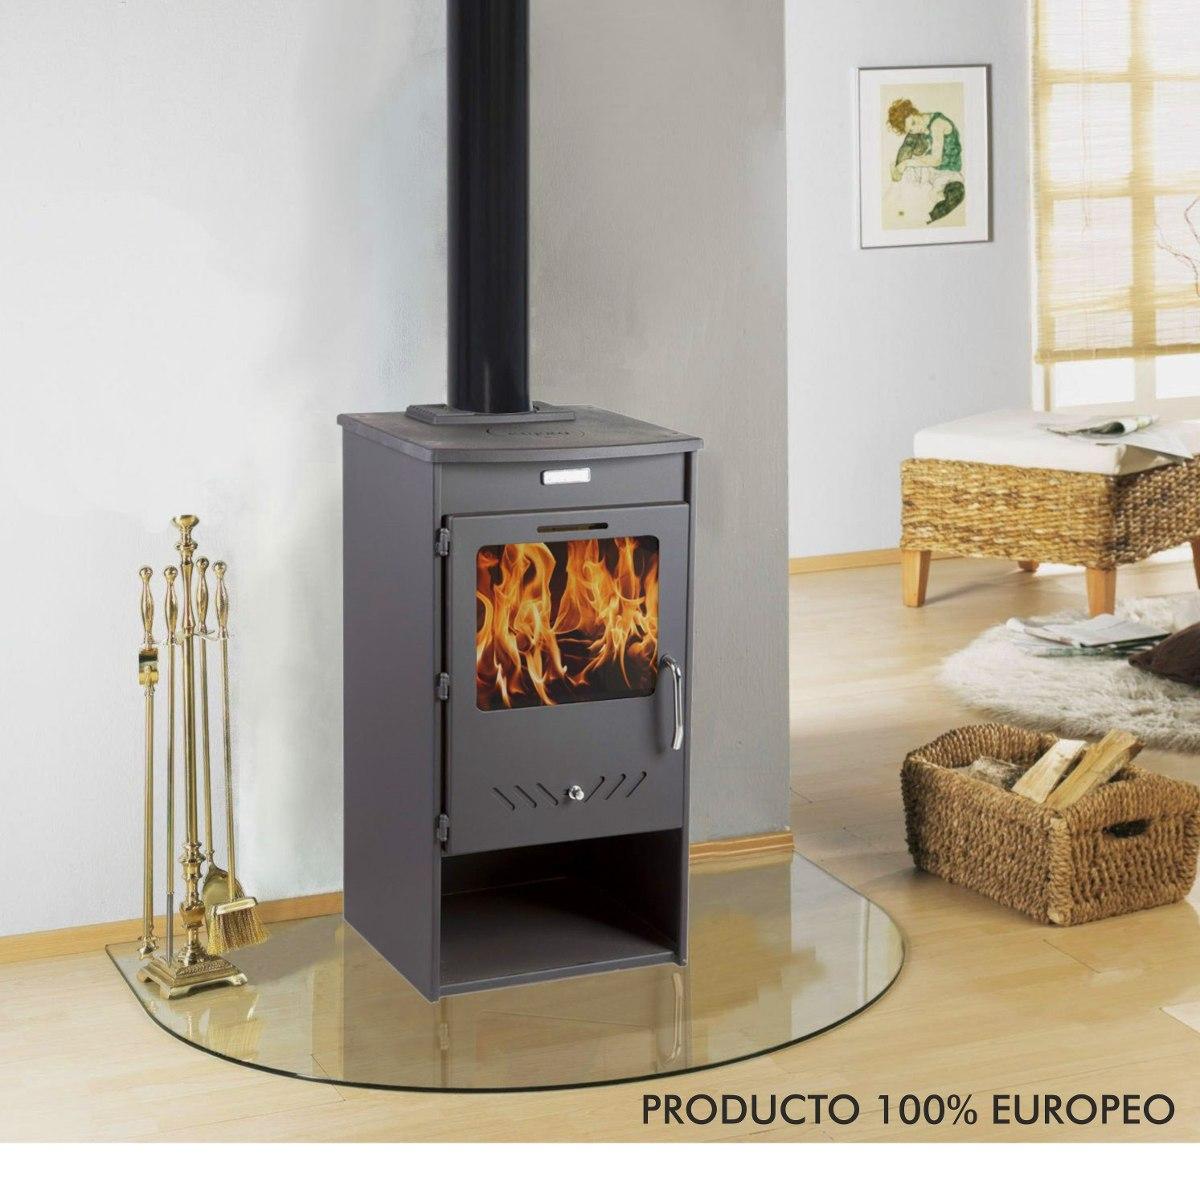 Calefactor estufa le a alto rendimiento pot 10kw u for Estufas de alto rendimiento a lena